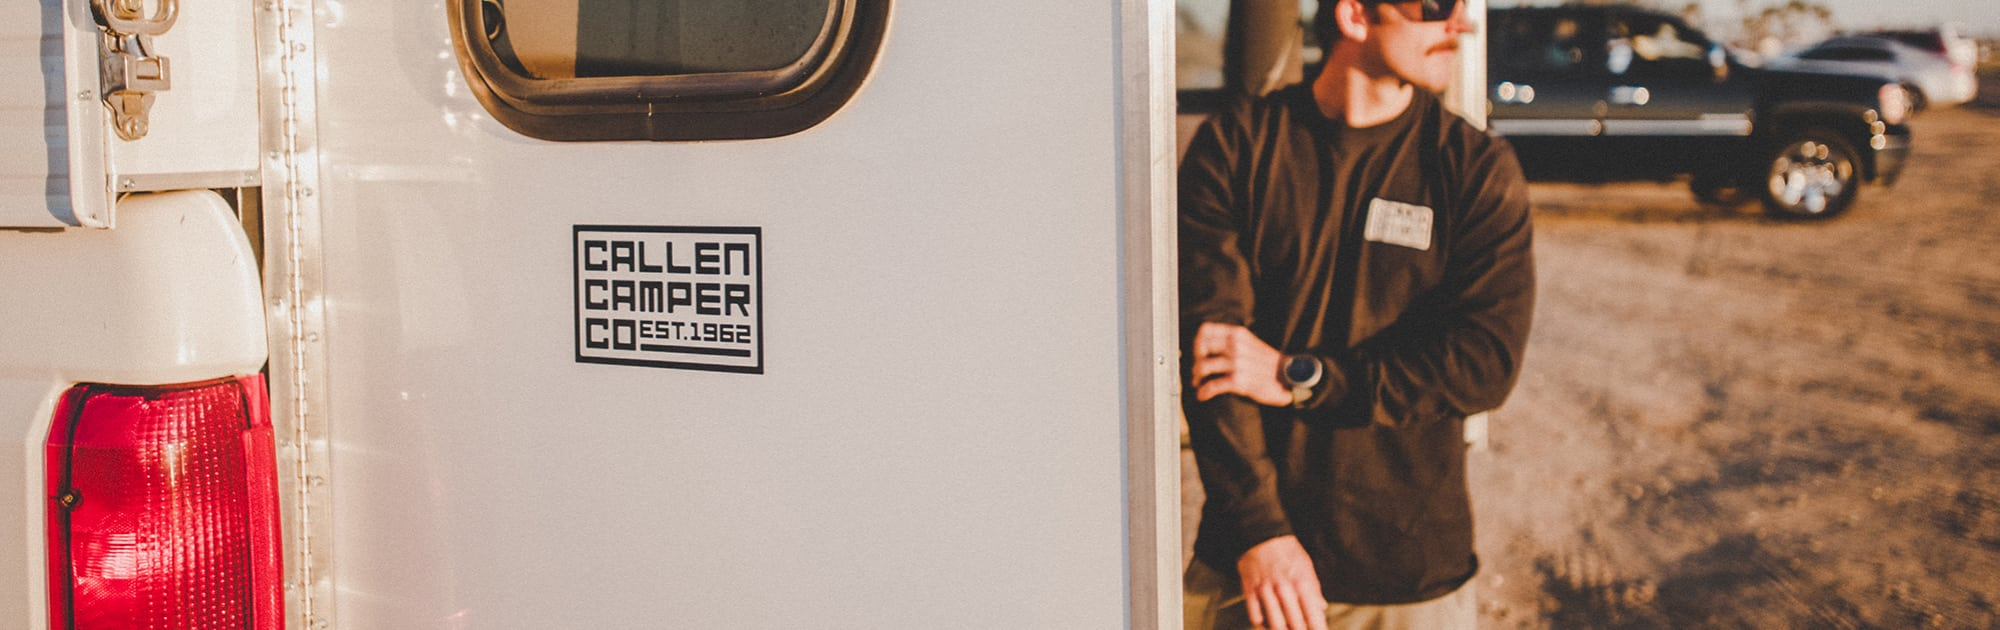 Rear camper barn door with Callen Camper sticker